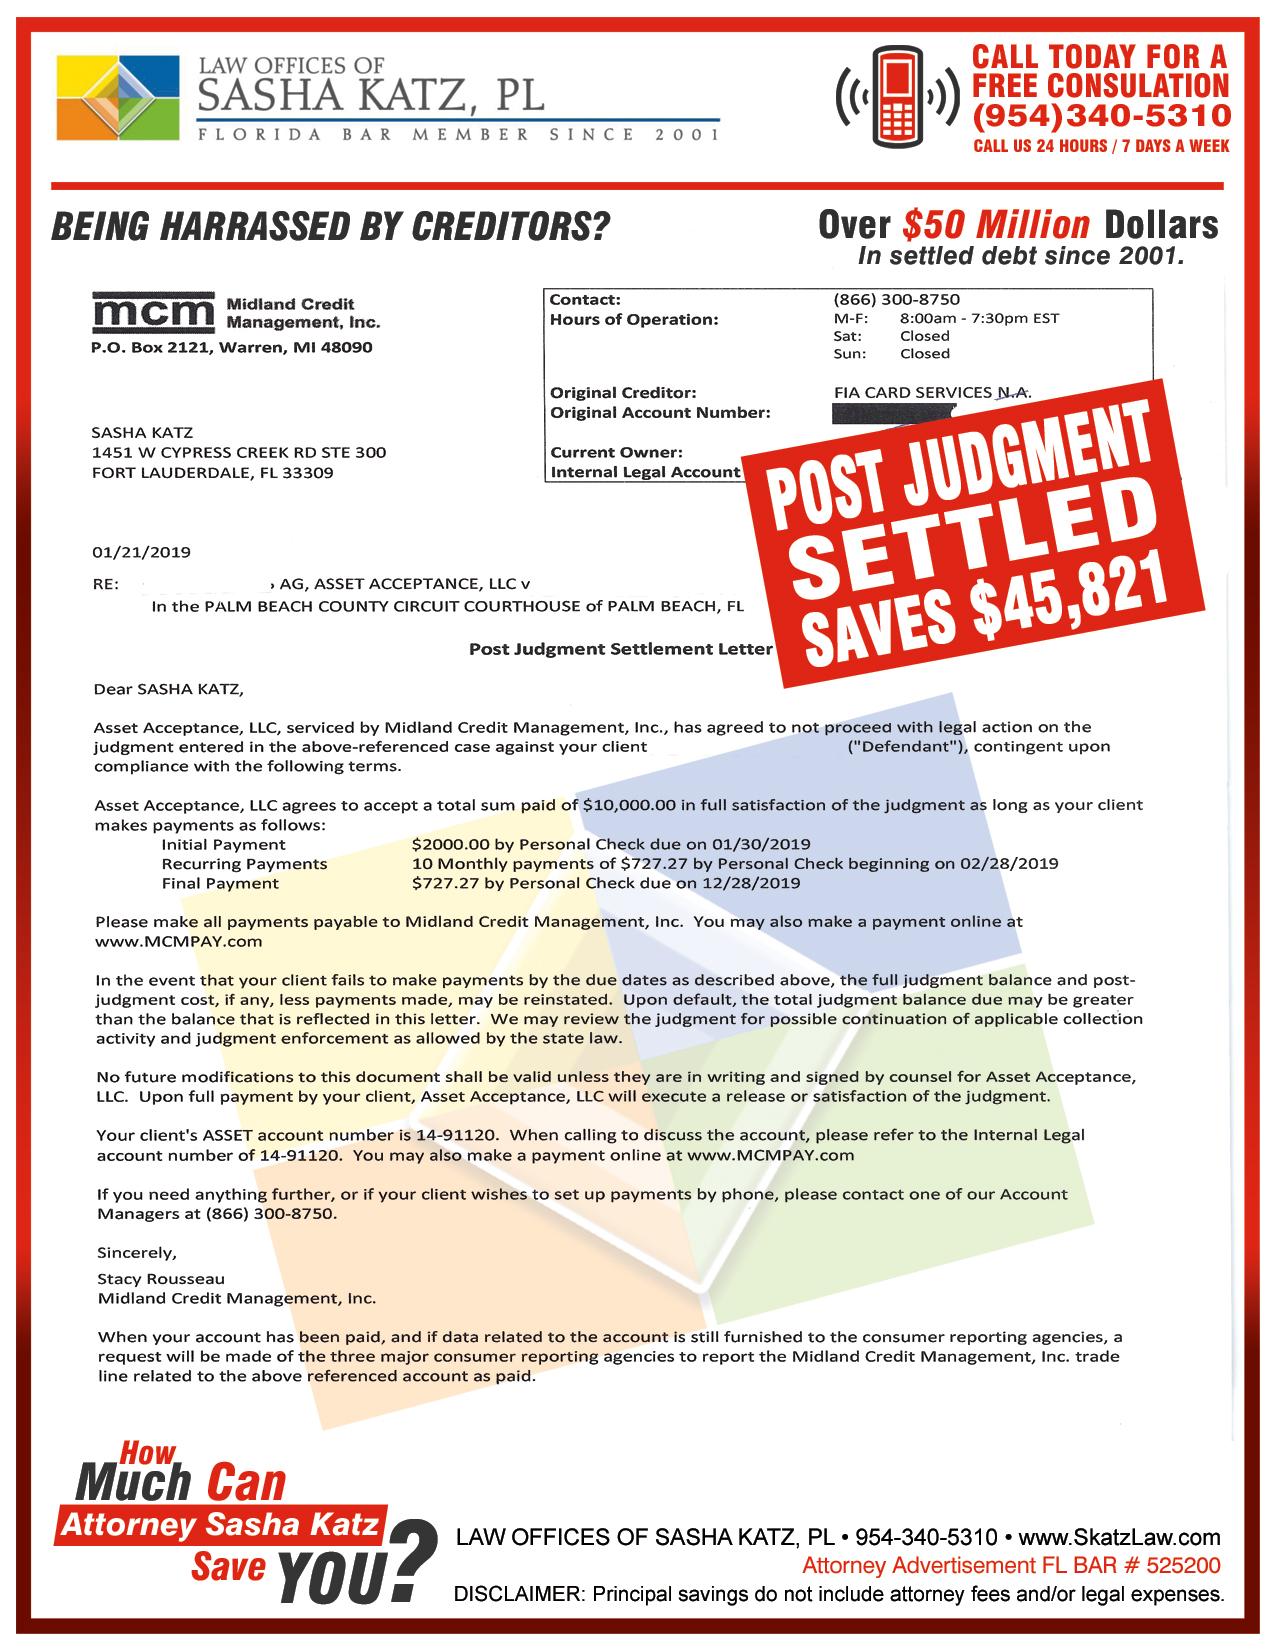 settlement_letter35_2020